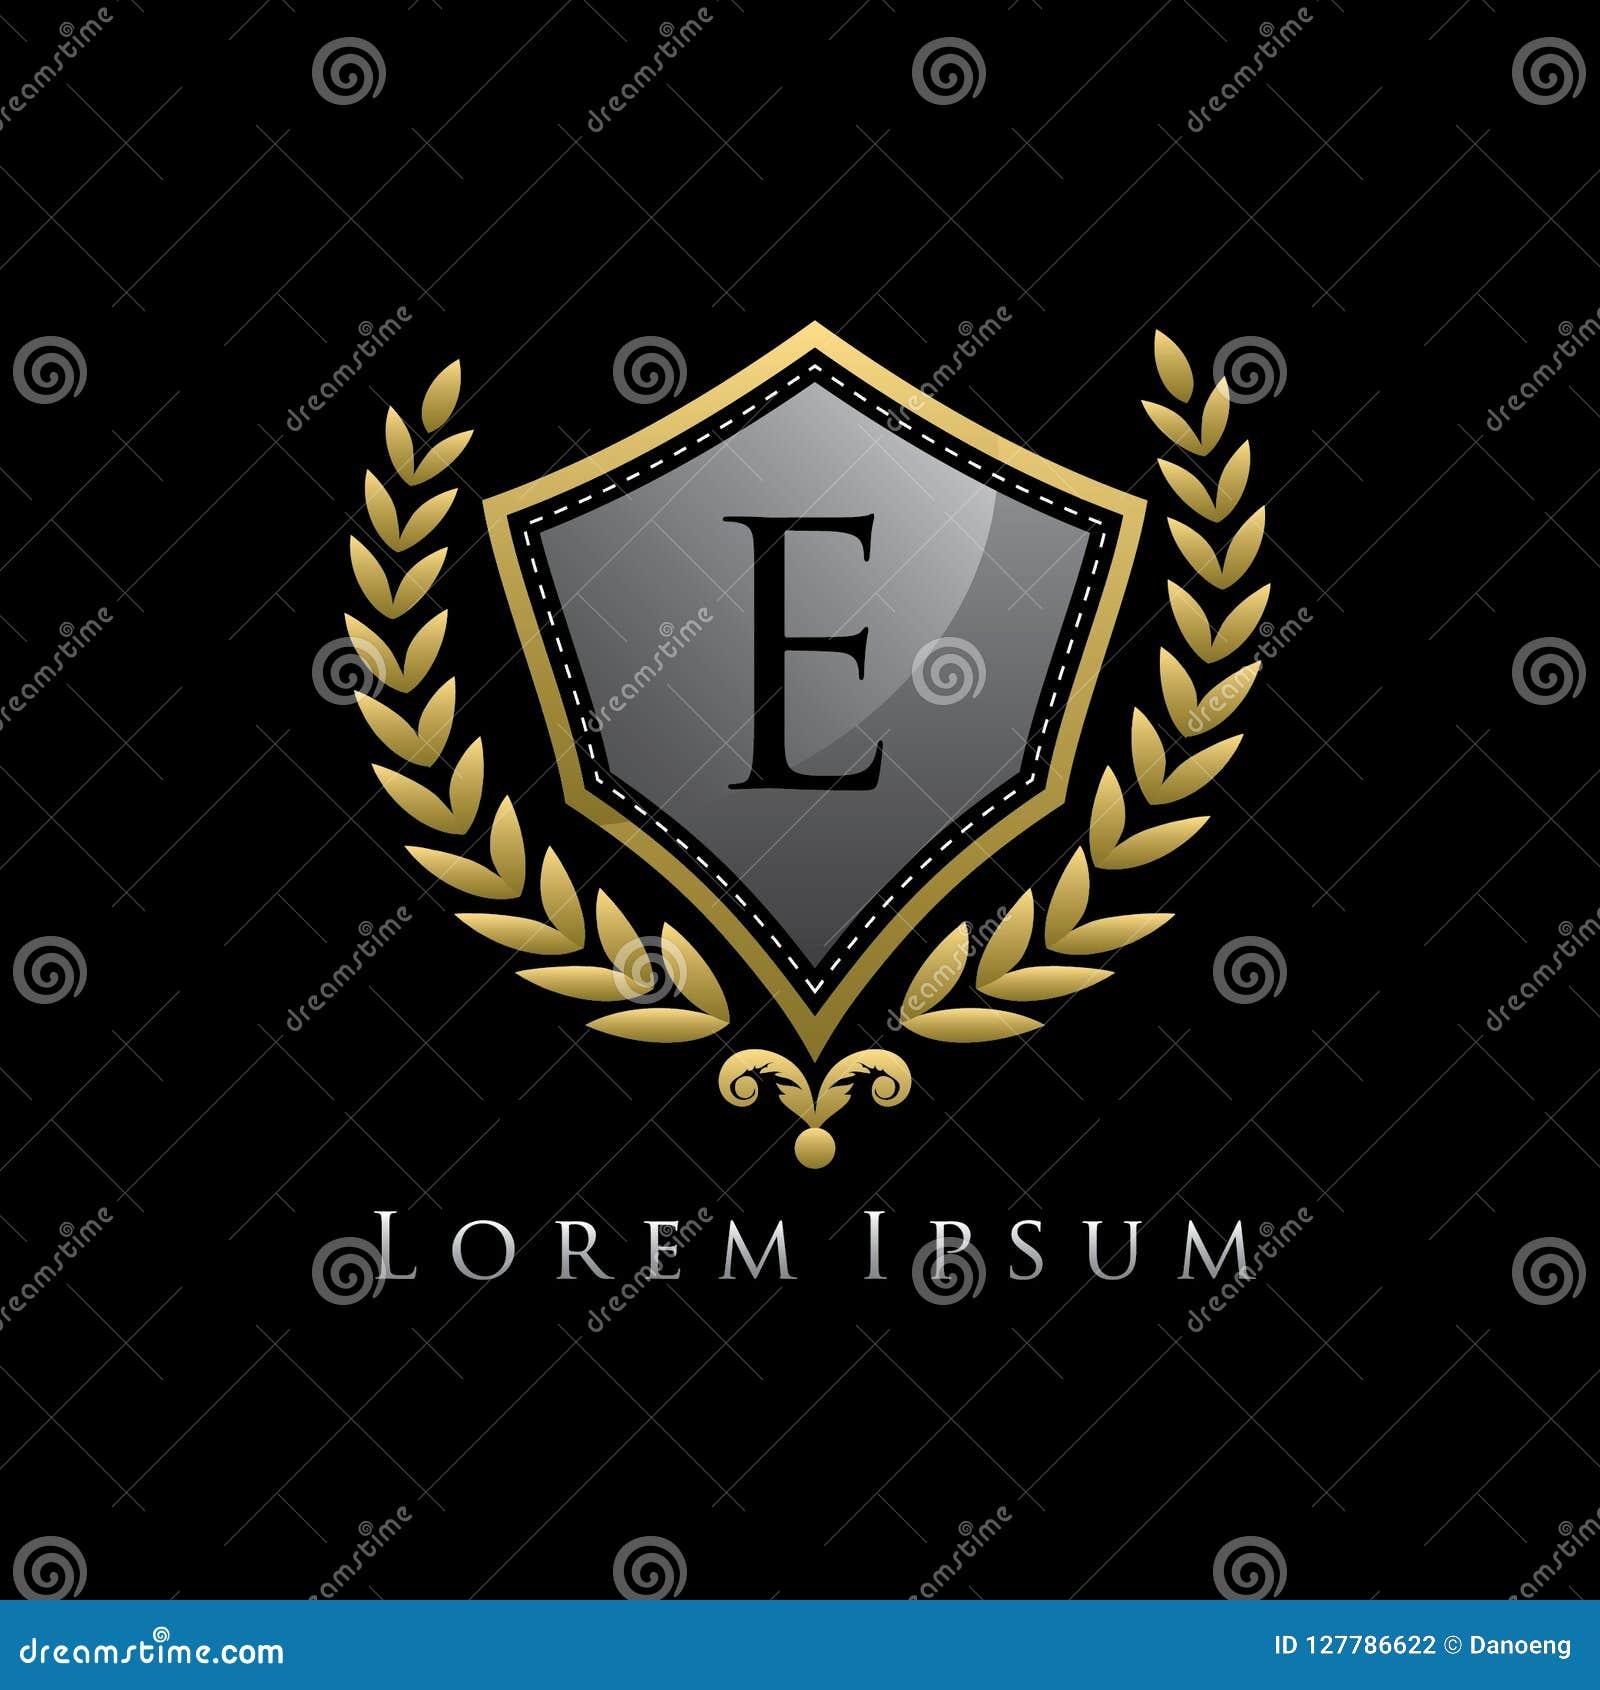 Golden Luxury Shield E Letter Logo.